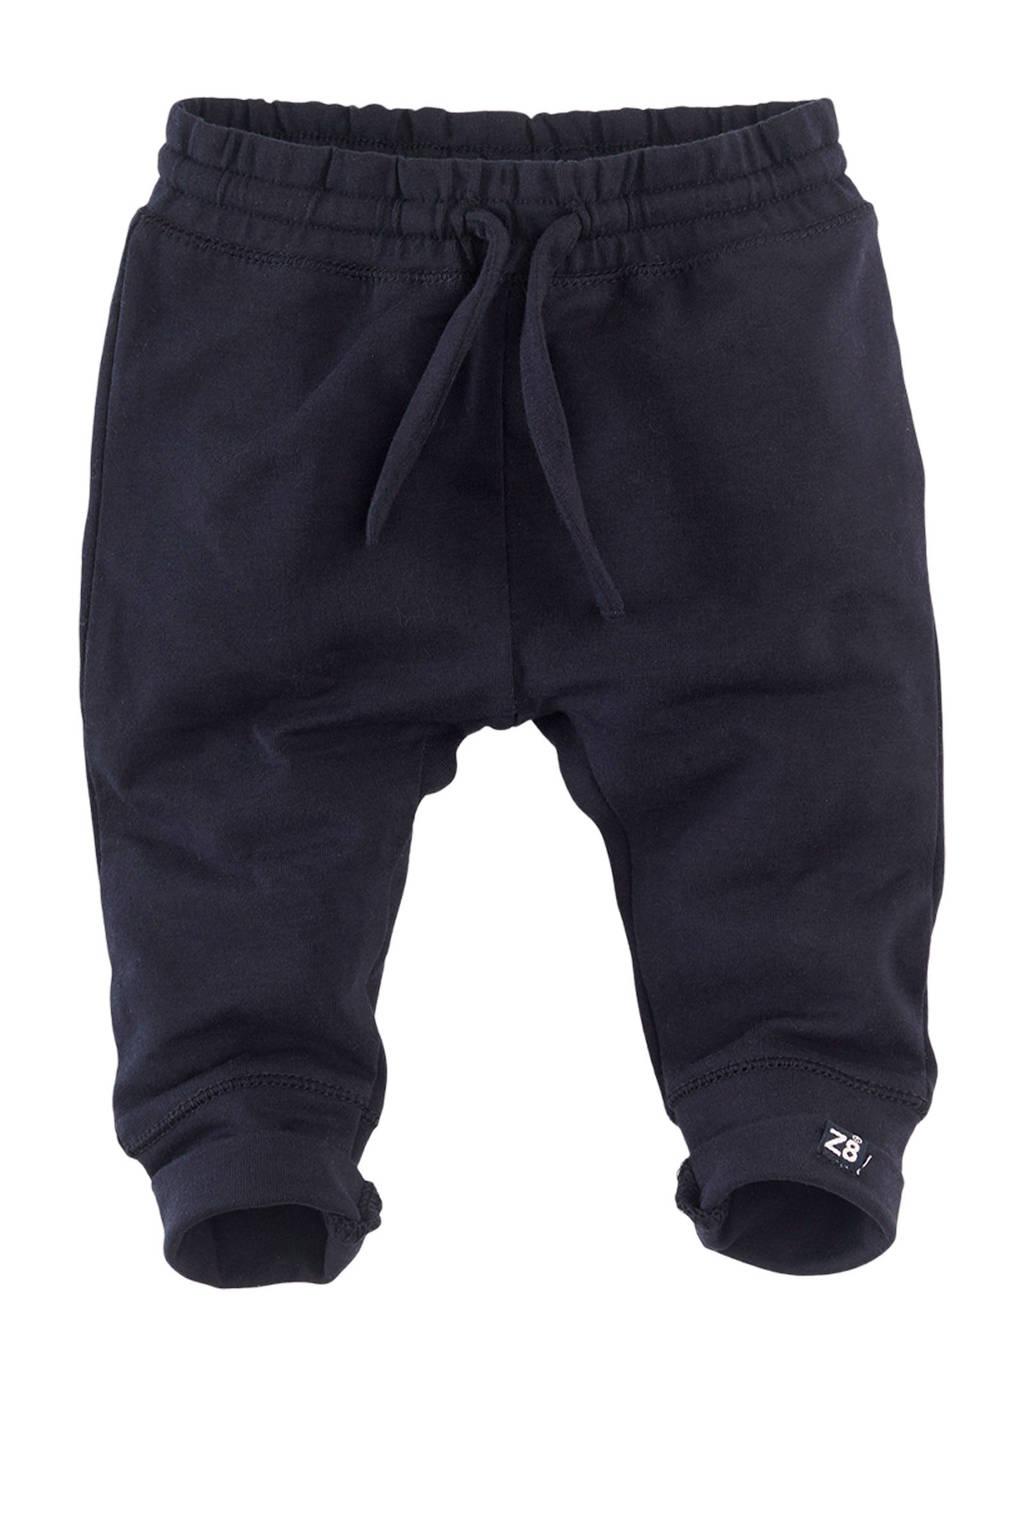 Z8   newborn joggingbroek Dodo donkerblauw, Donkerblauw